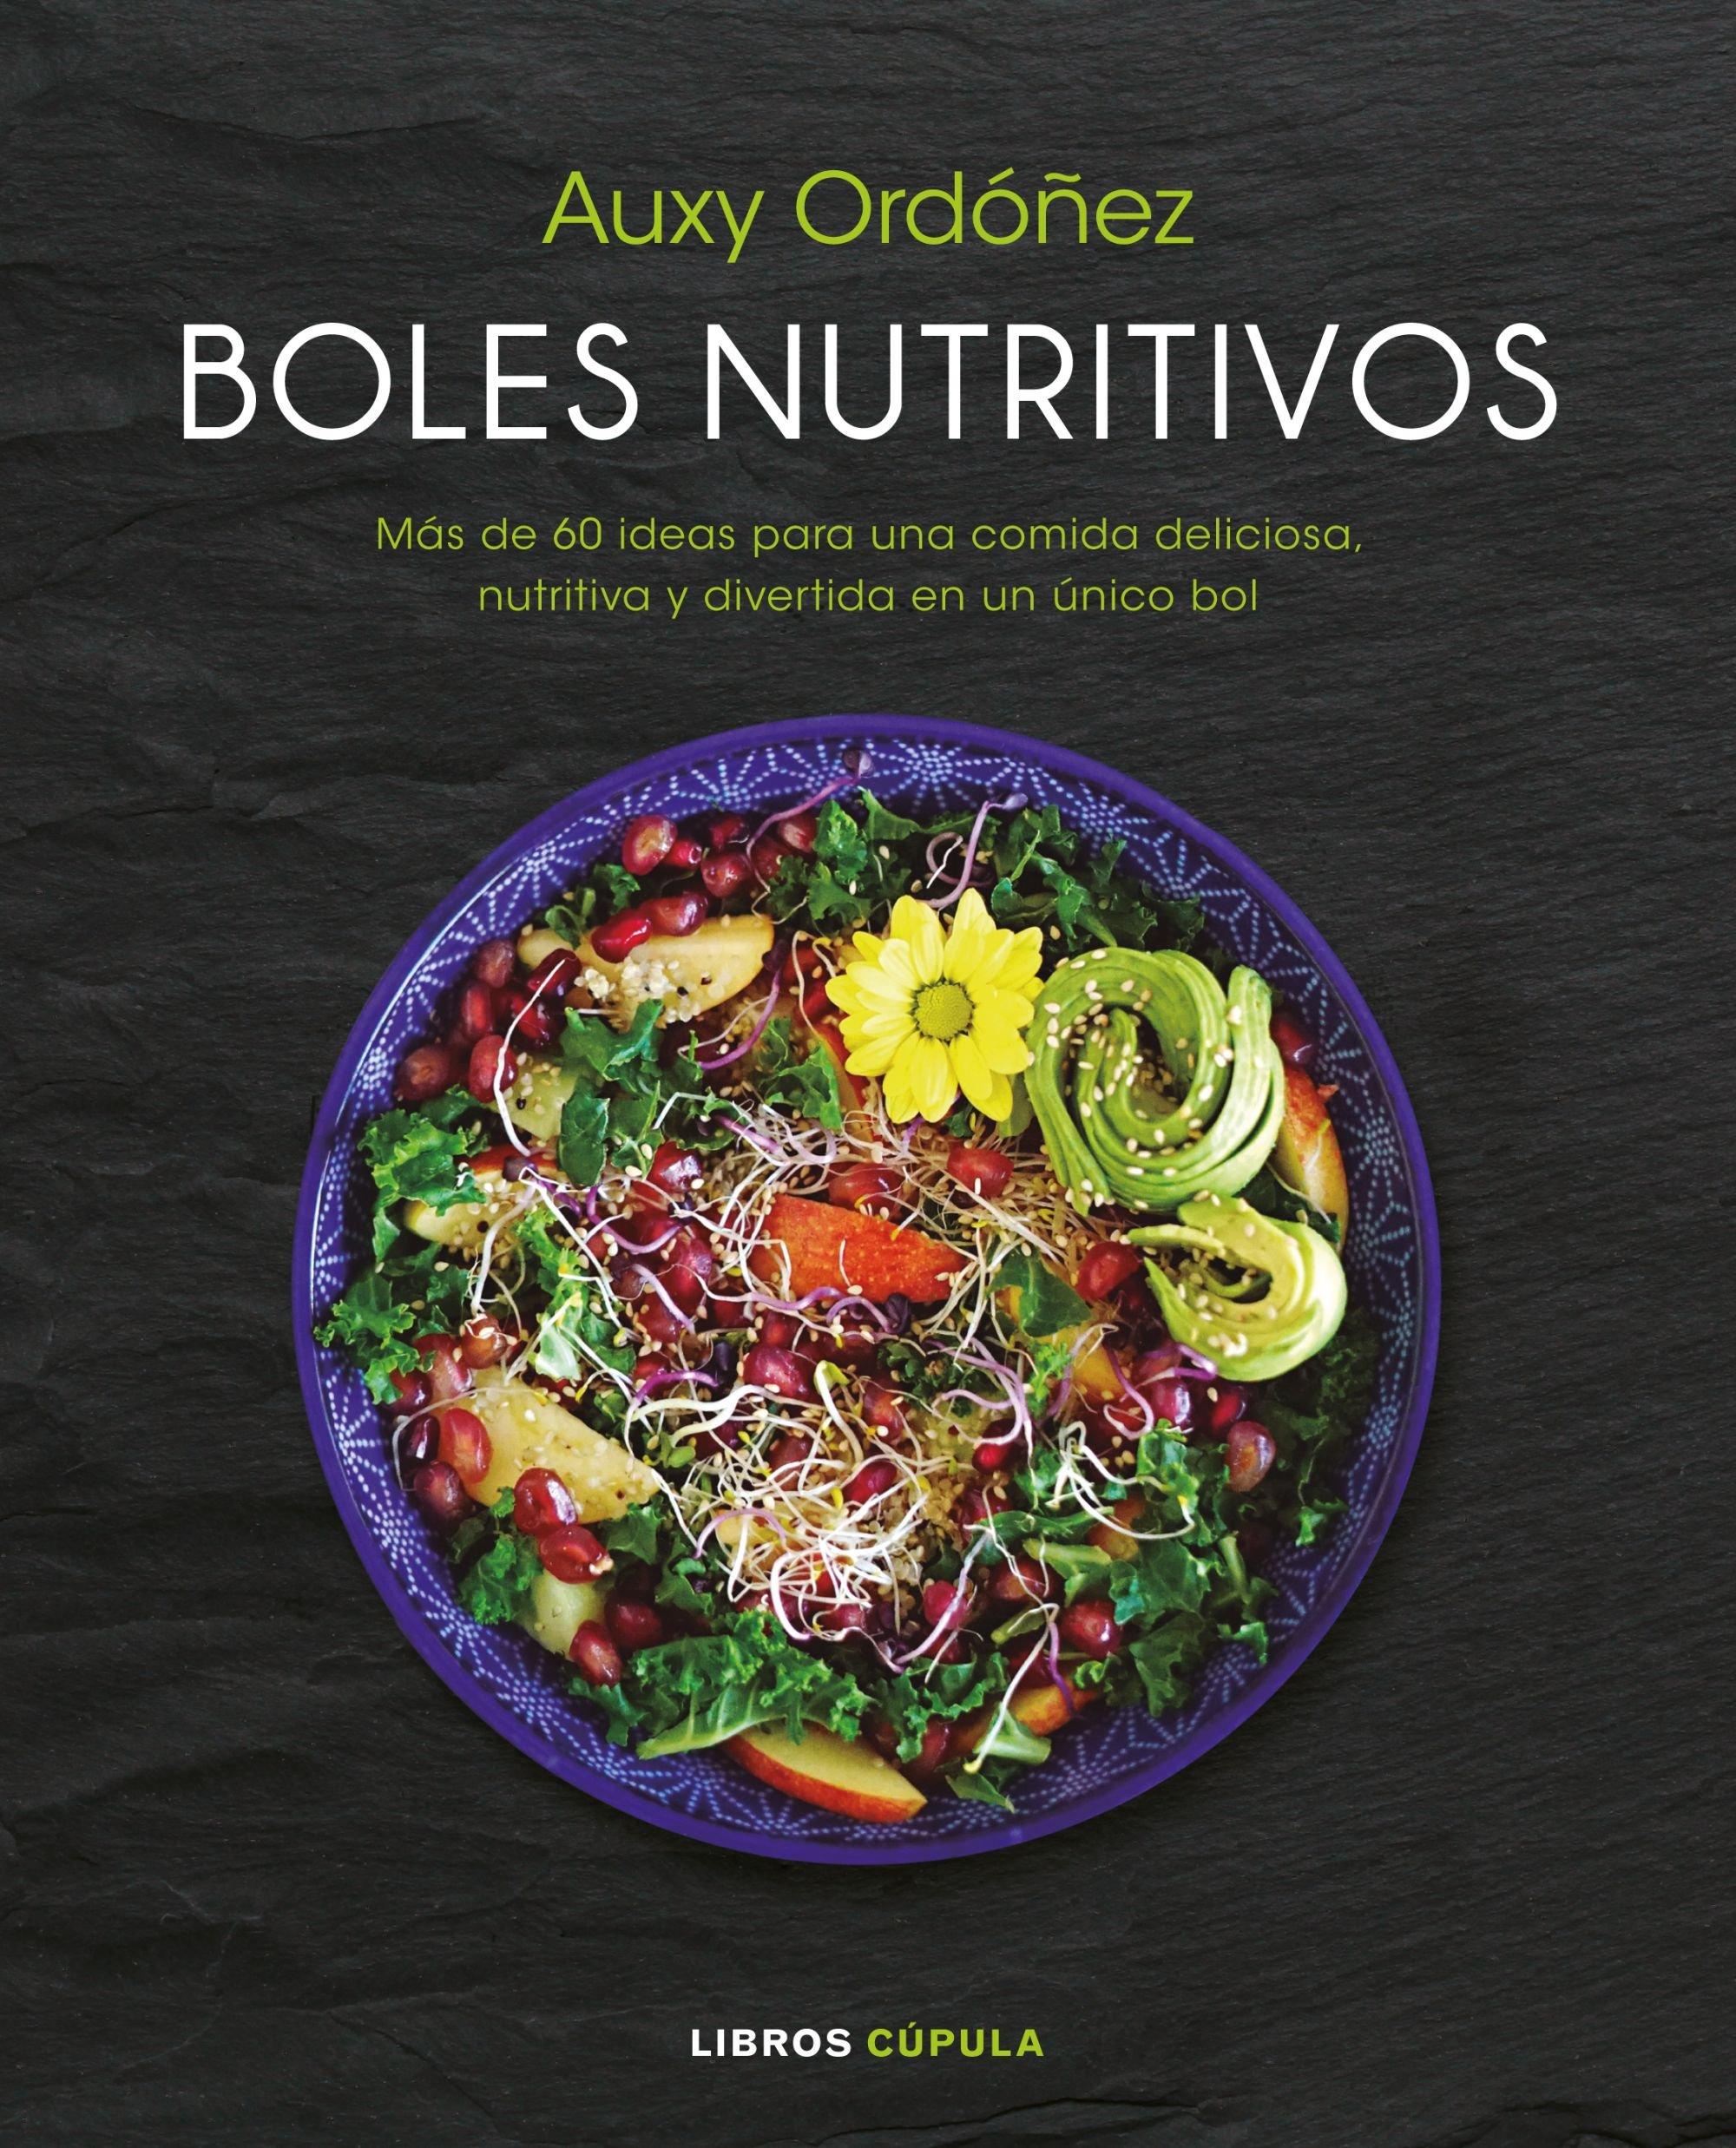 Boles nutritivos: Más de 60 ideas para una comida deliciosa ...